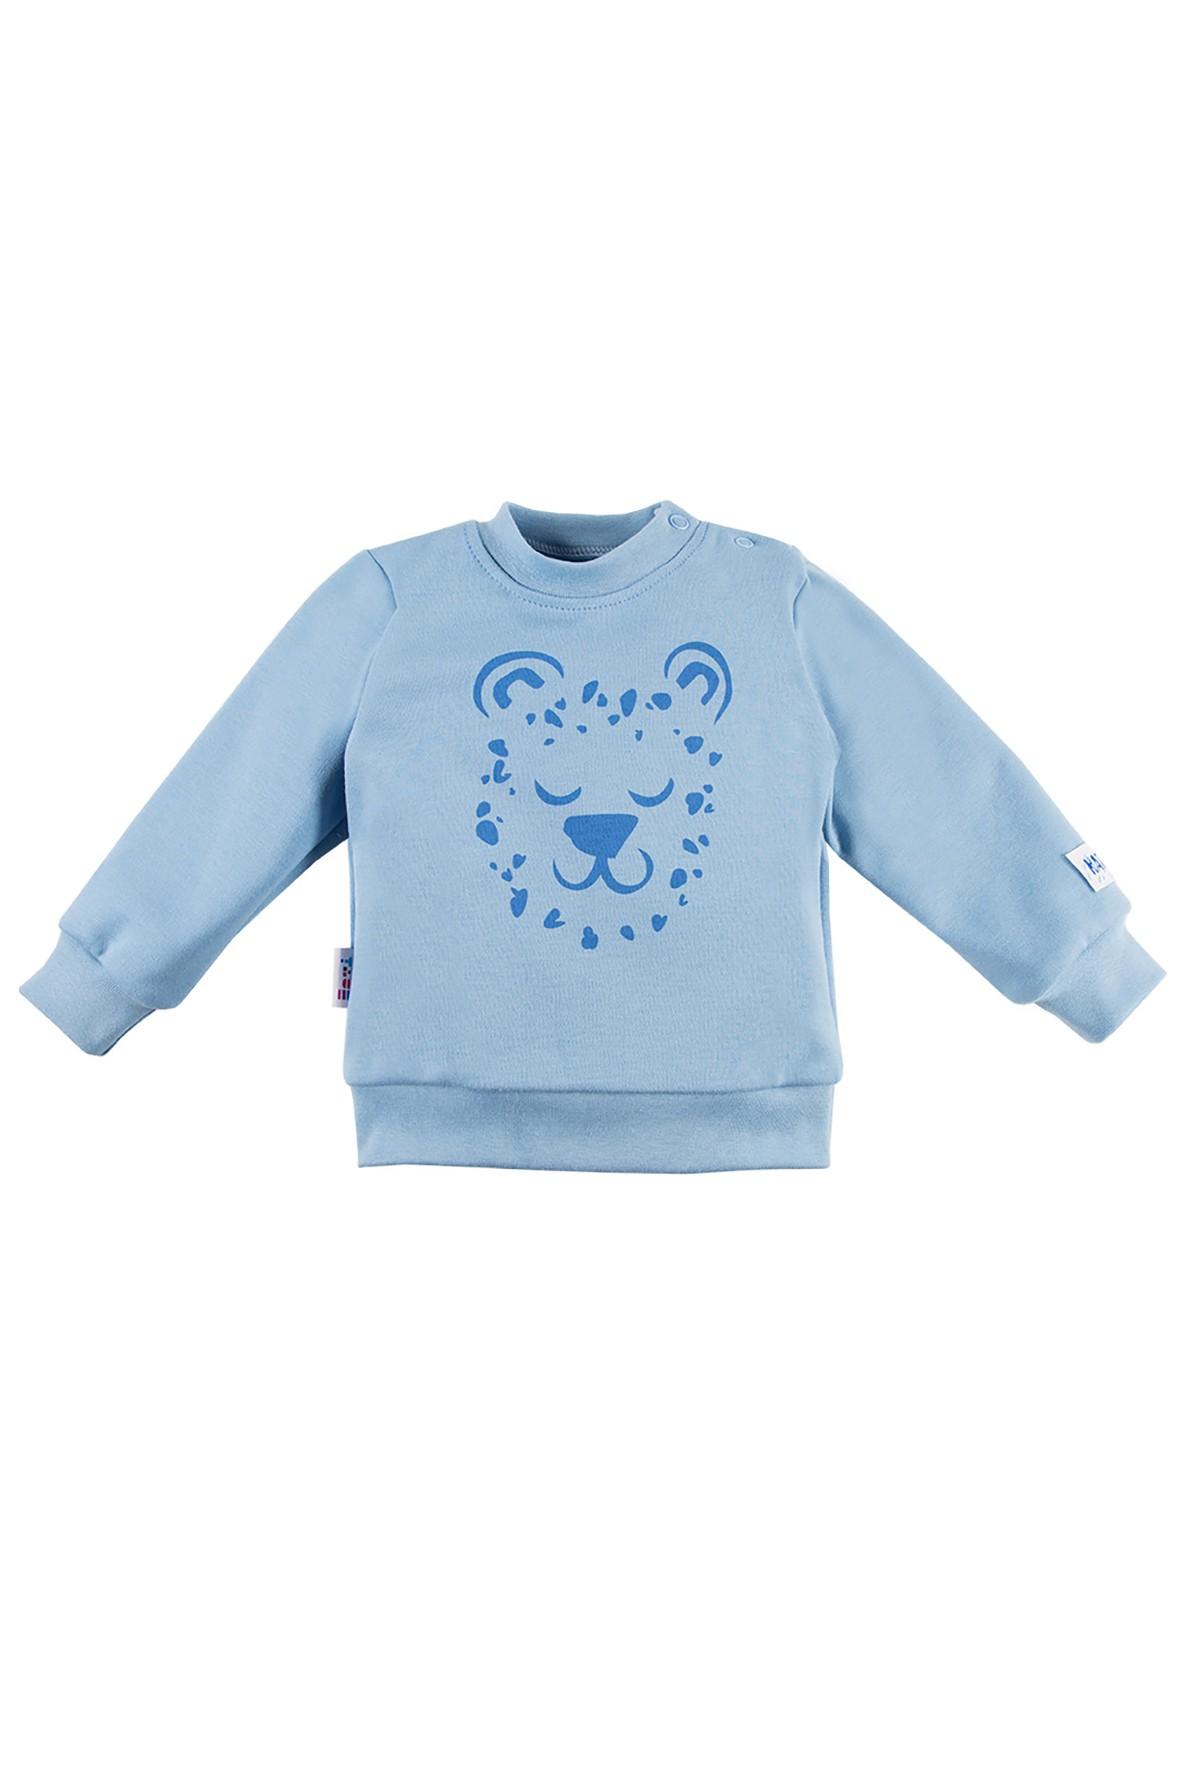 Bluza chłopięca NATURE niebieska